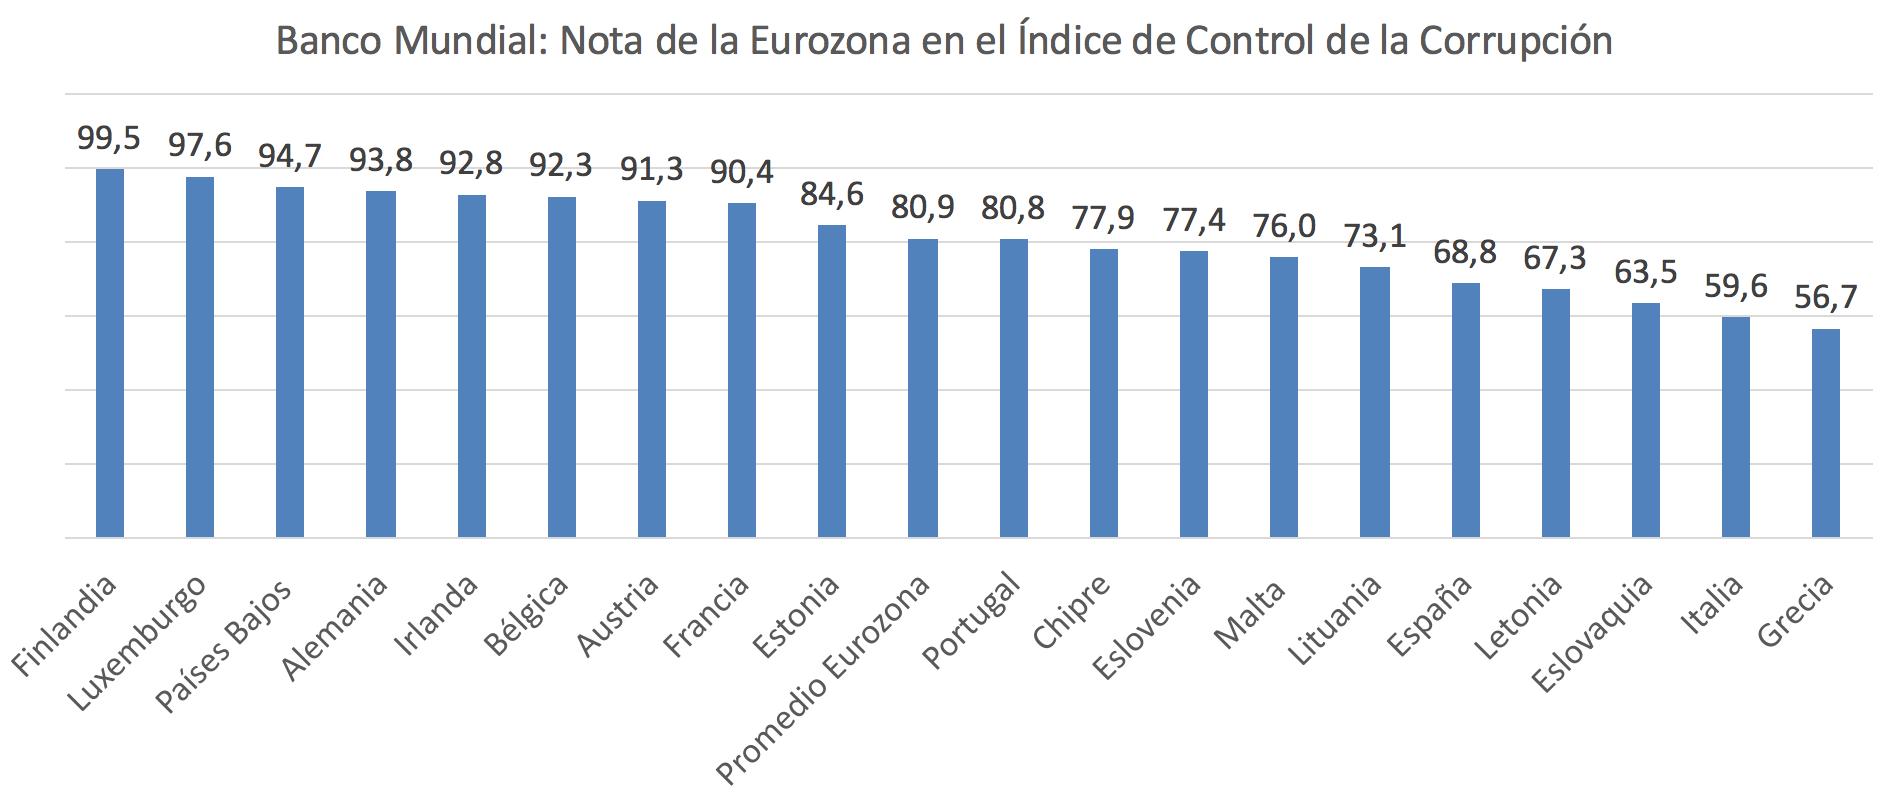 INDICE-CORRUPCION-ESPANA-2-EUROZONA.png